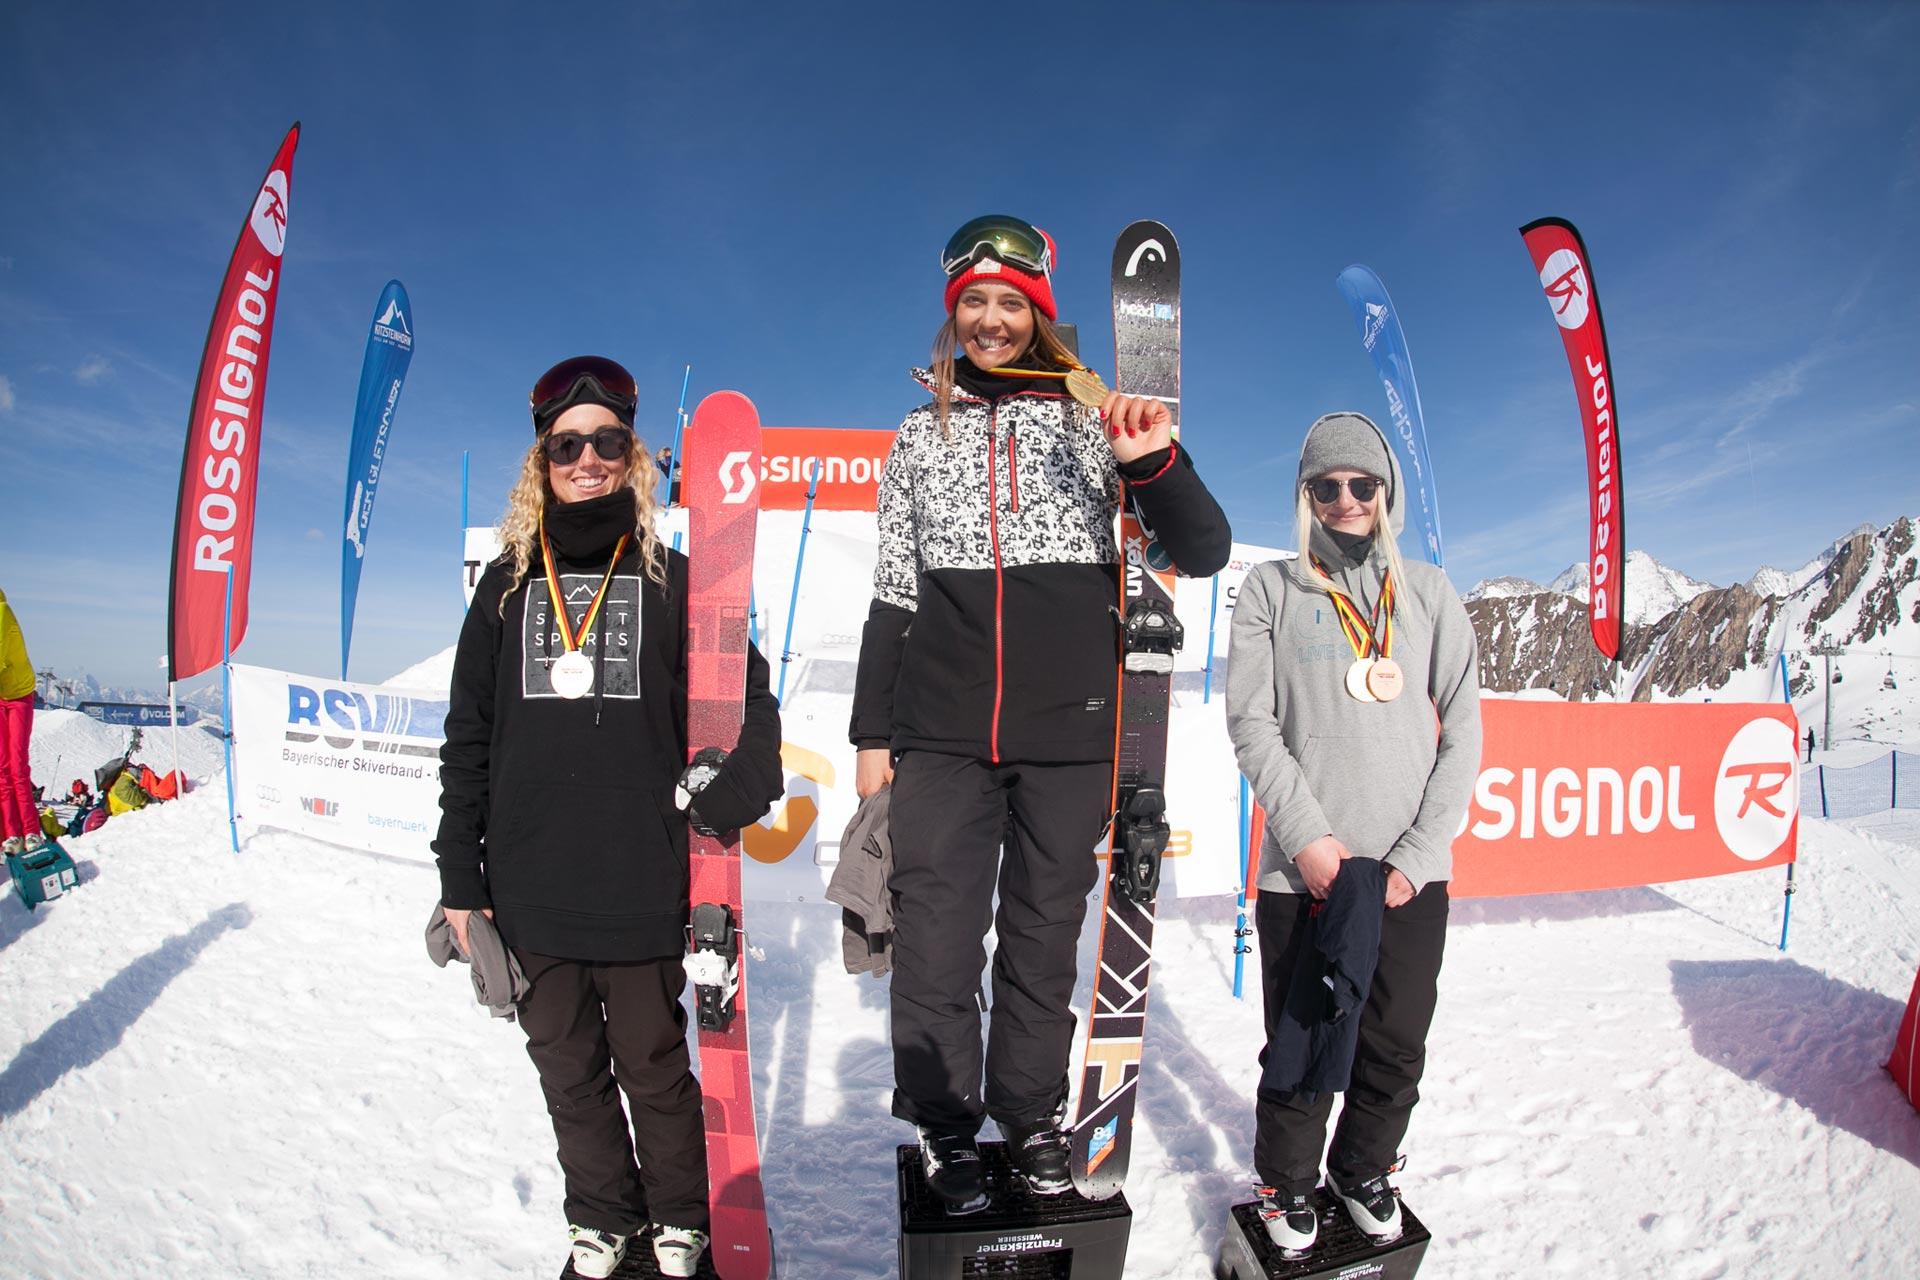 Die drei besten Slopesytyle Frauen bei der deutschen Meisterschaft am Kitzsteinhorn: Nina Schlickenrider, Sabrina Cakmakli und Anja Swoboda (v.l.n.r.)